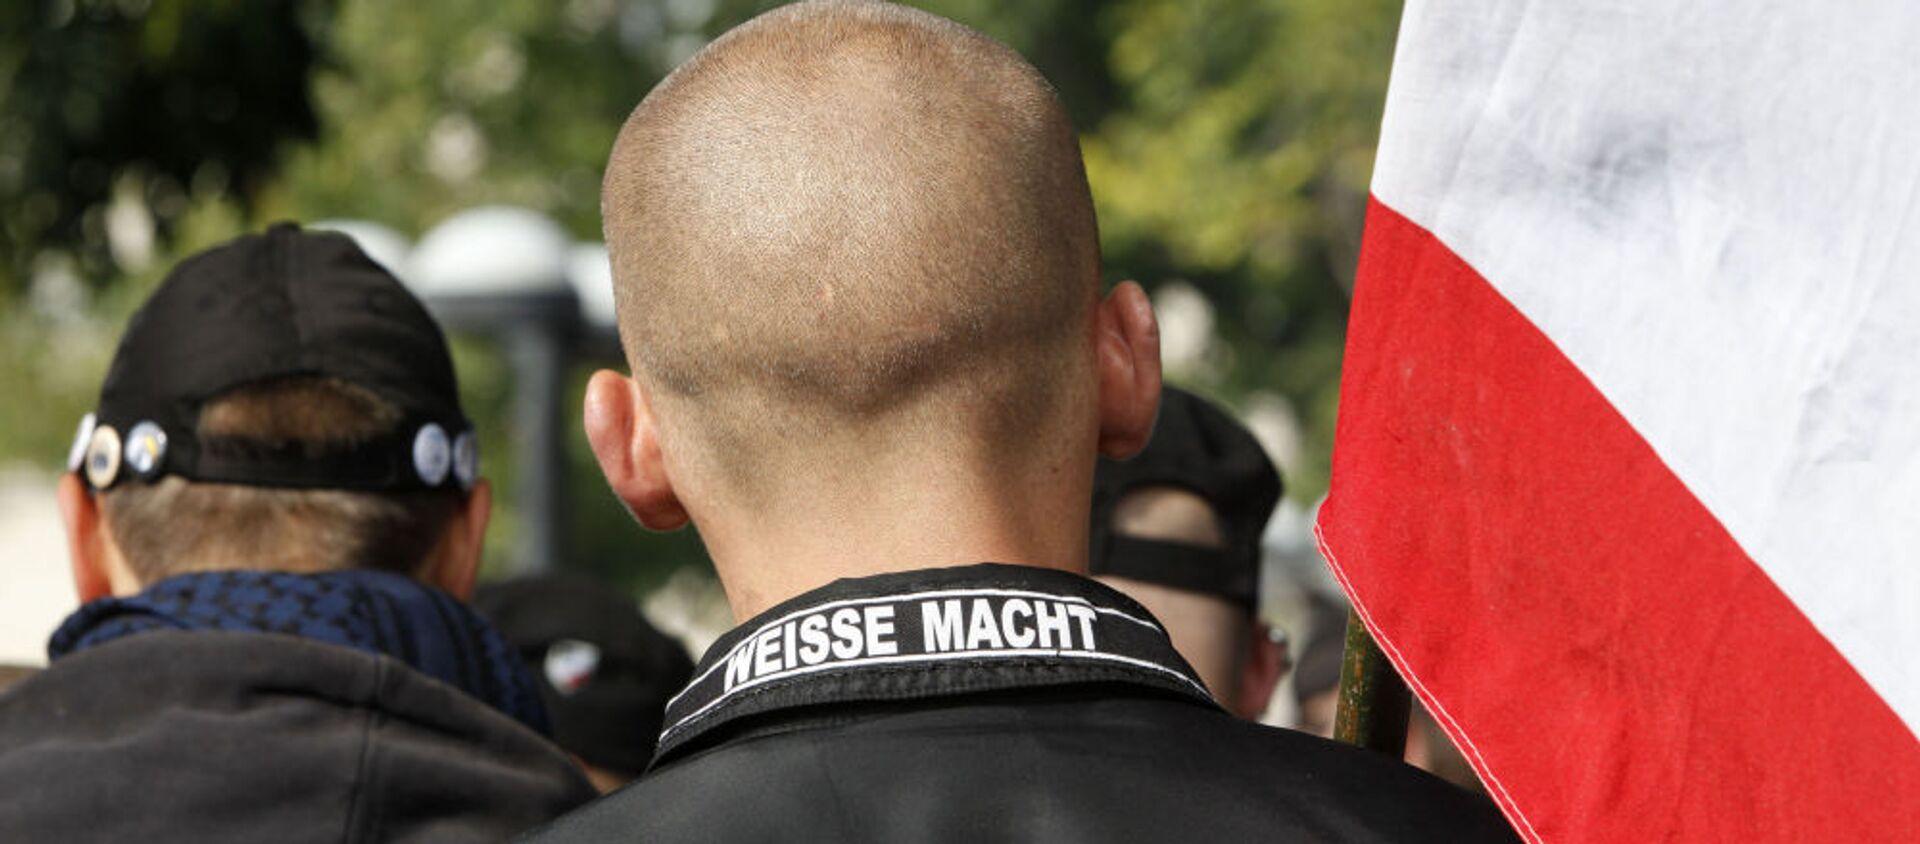 Wiec neonazistów w Niemczech - Sputnik Polska, 1920, 15.09.2018